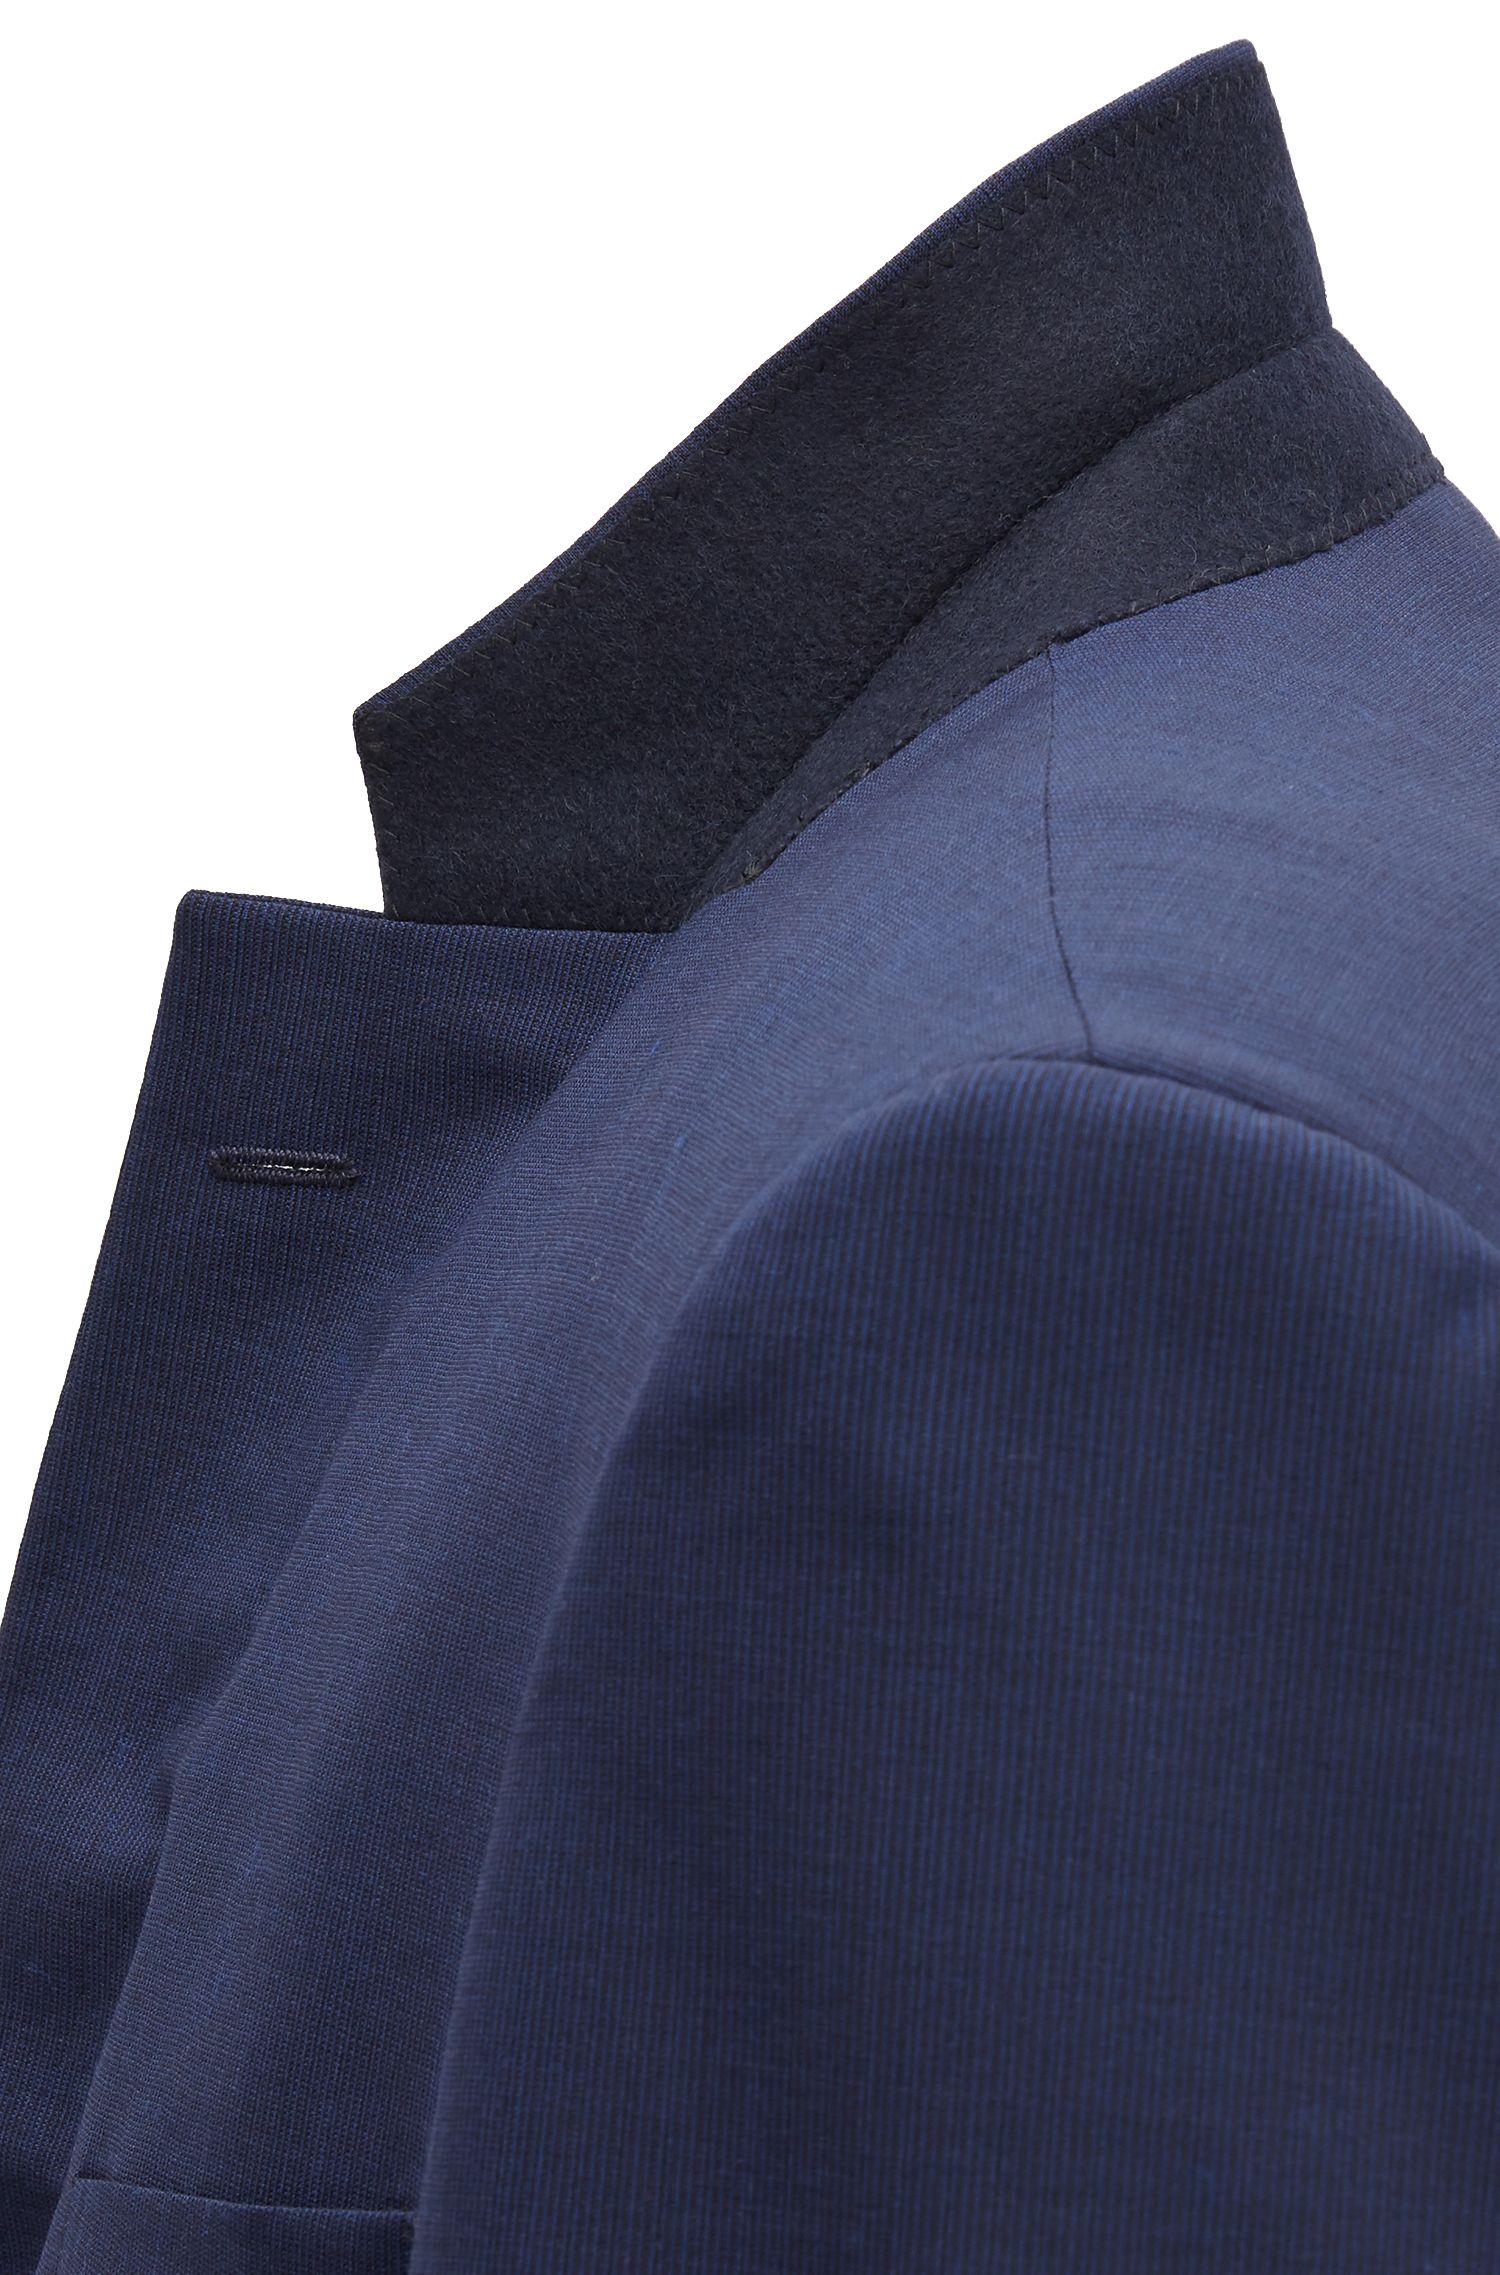 Abito con gilet slim fit in lana vergine con lavorazione a righe